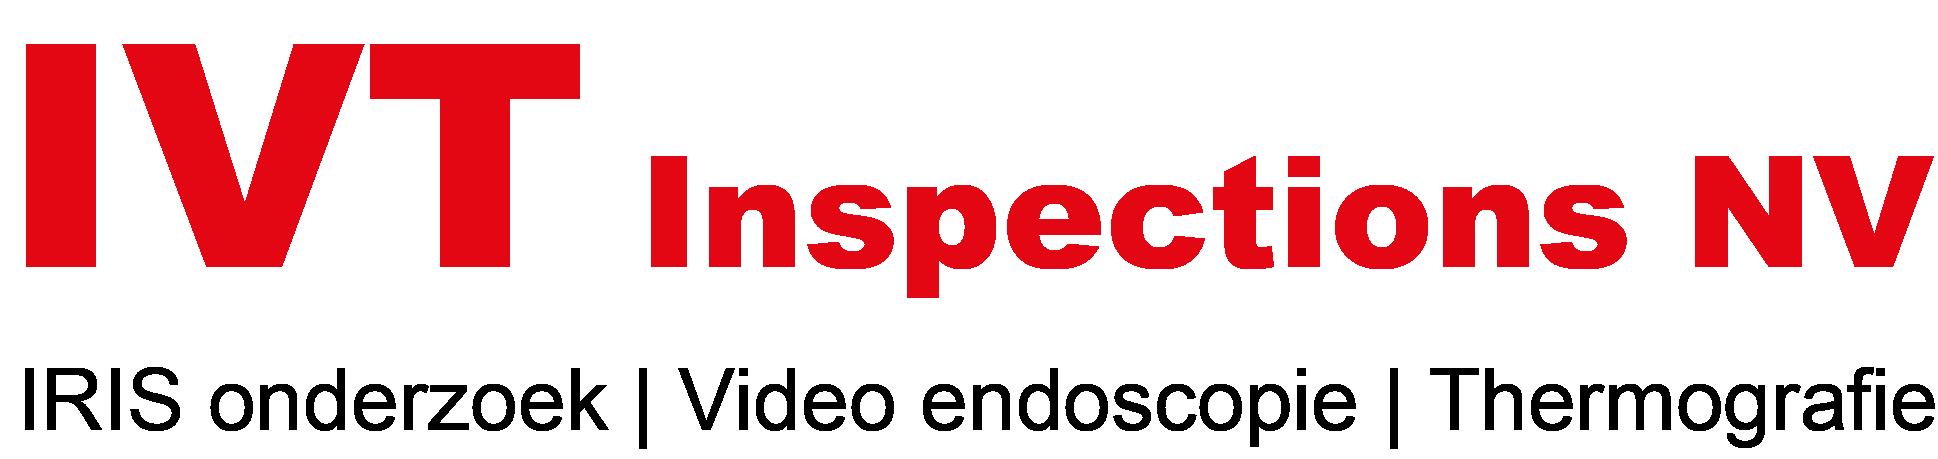 IVT Inspections NV logo